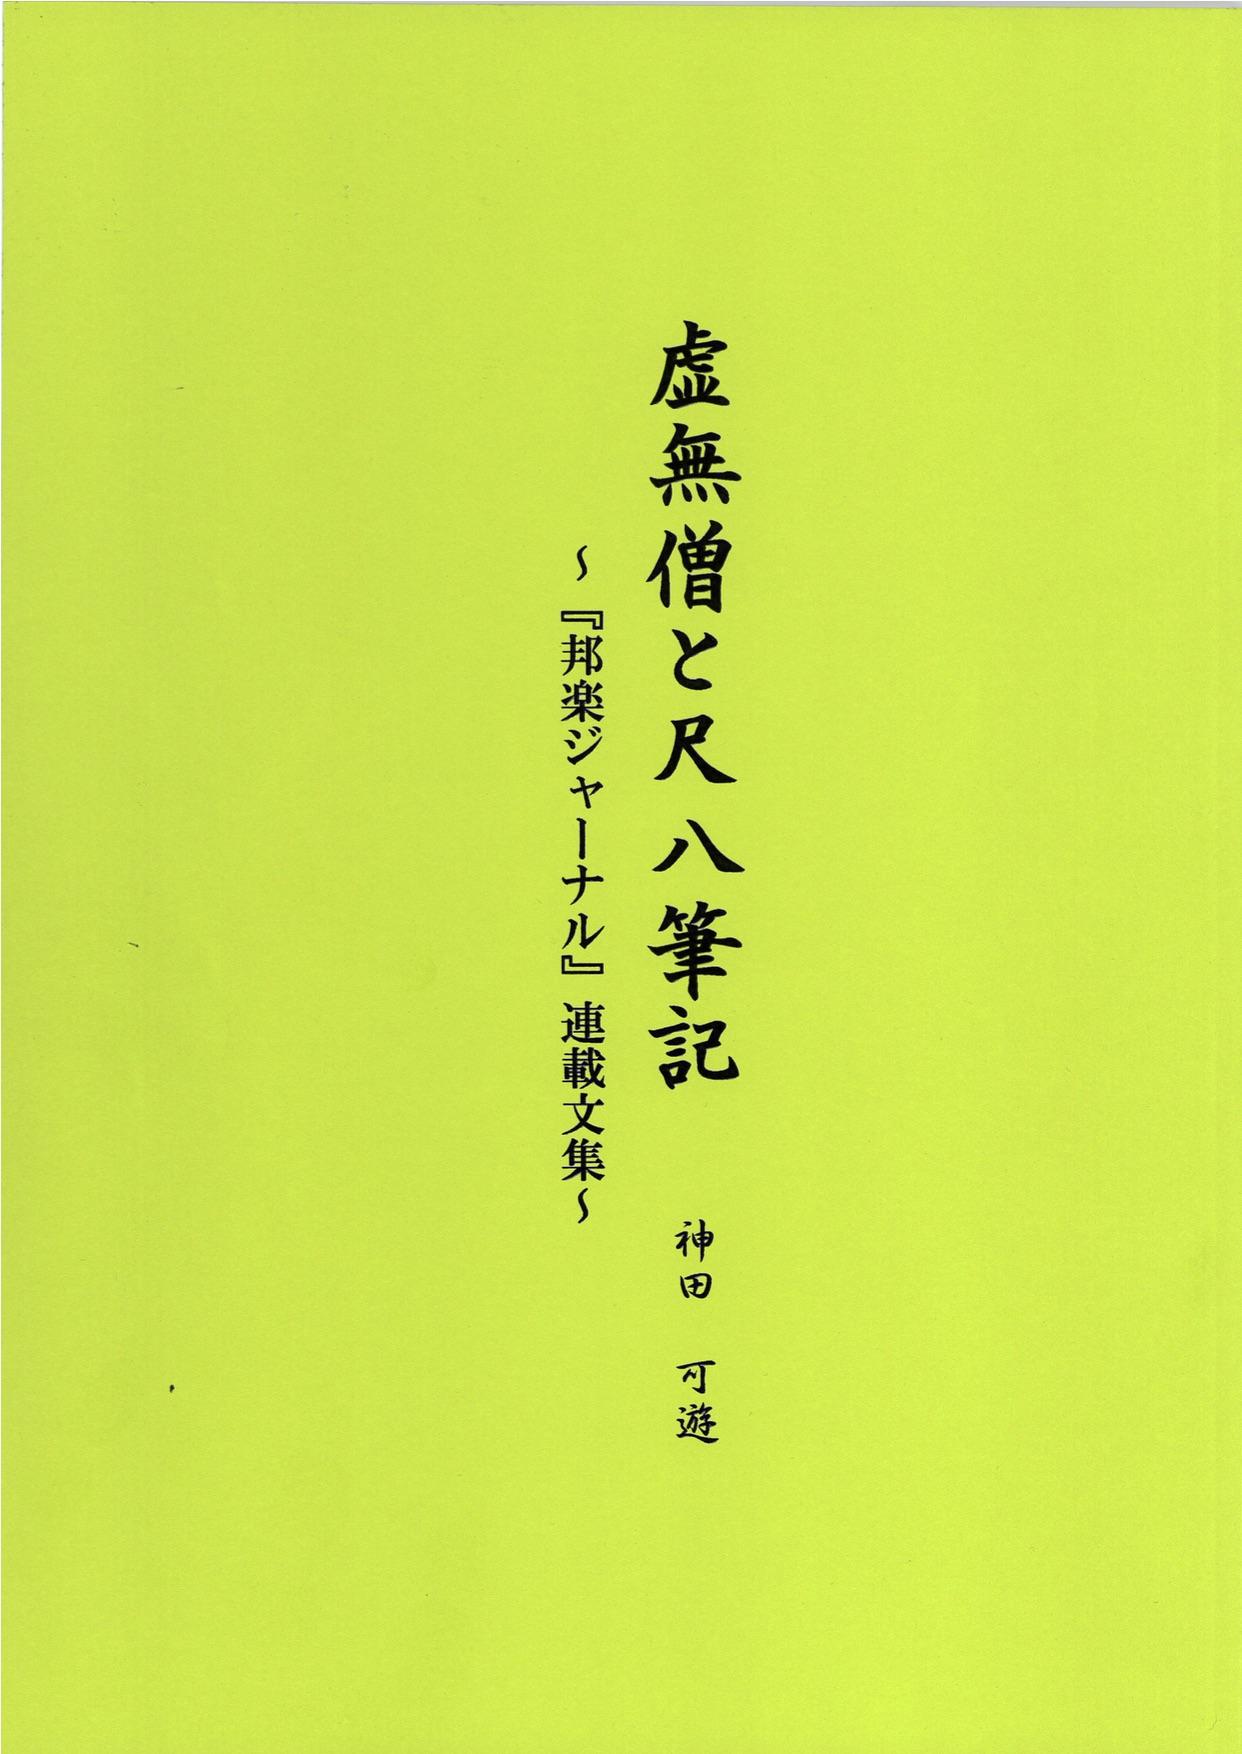 虚無僧と尺八筆記─「邦楽ジャーナル」連載文集[5649]